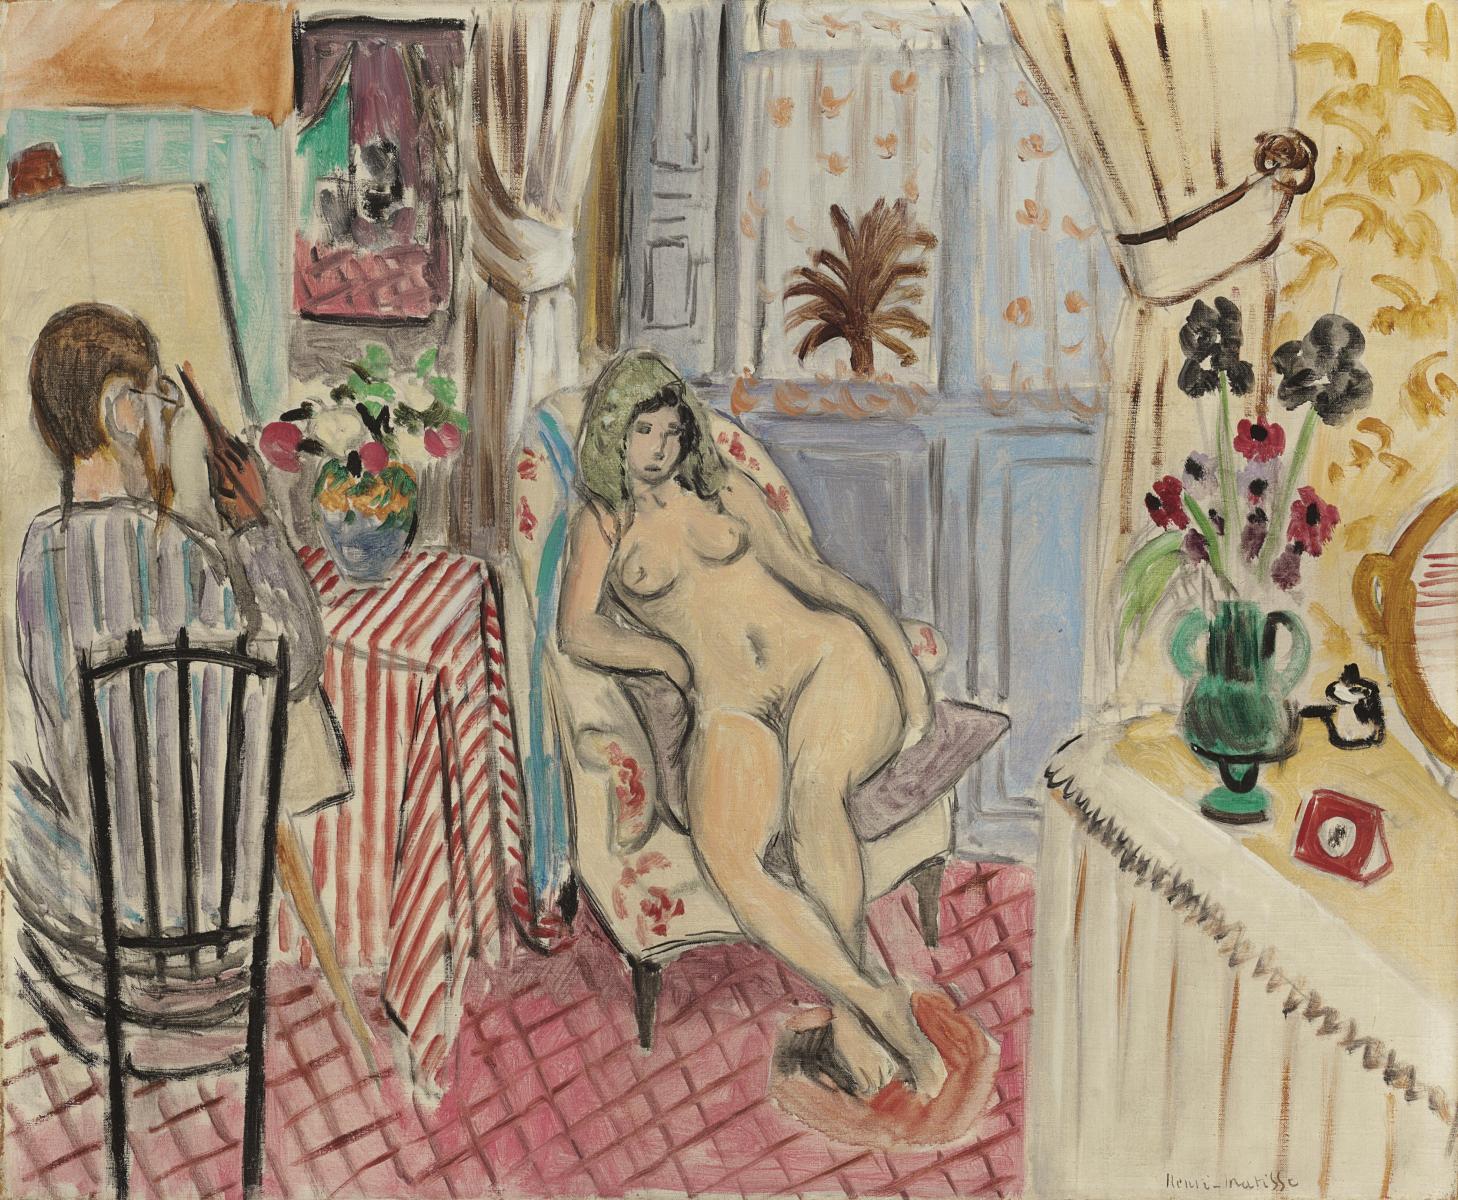 Henri Matisse,  L'artiste et le modèle nu , 1921, Oil on canvas, 60 x 73 cms (23 5/8 x 28 3/4 ins)